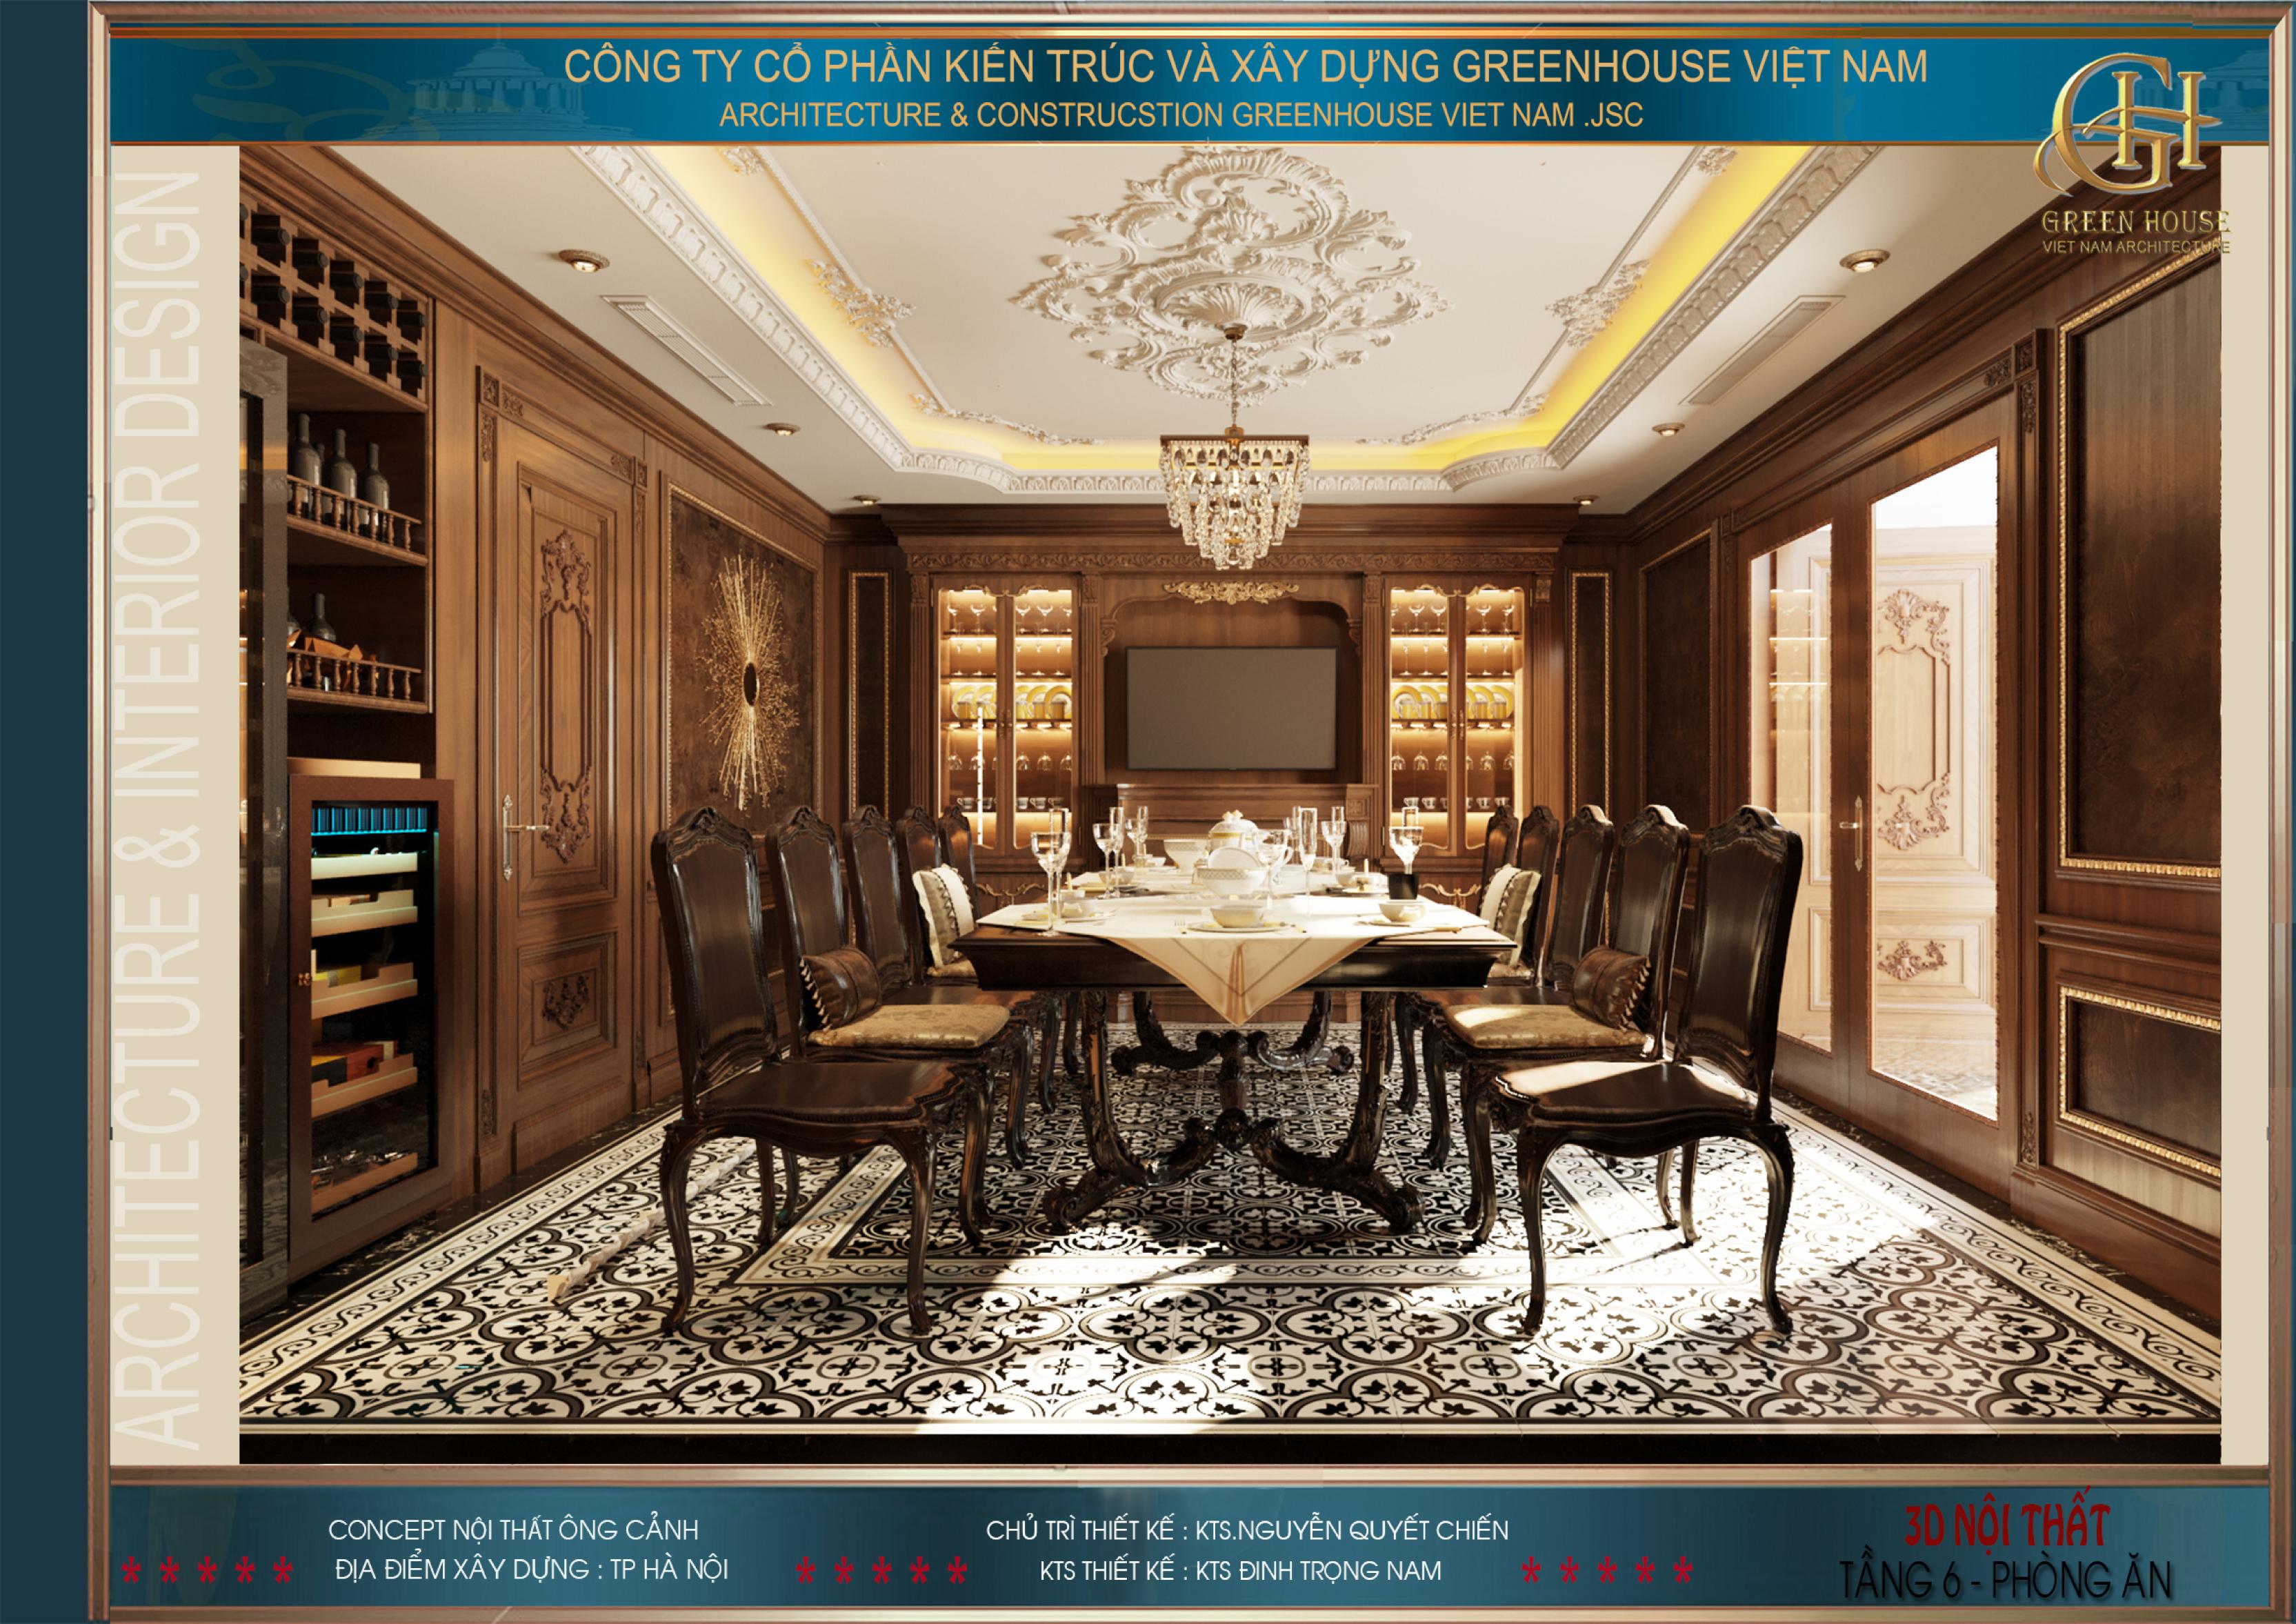 Hệ thống bàn ăn 12 ghế được làm từ gỗ tự nhiên